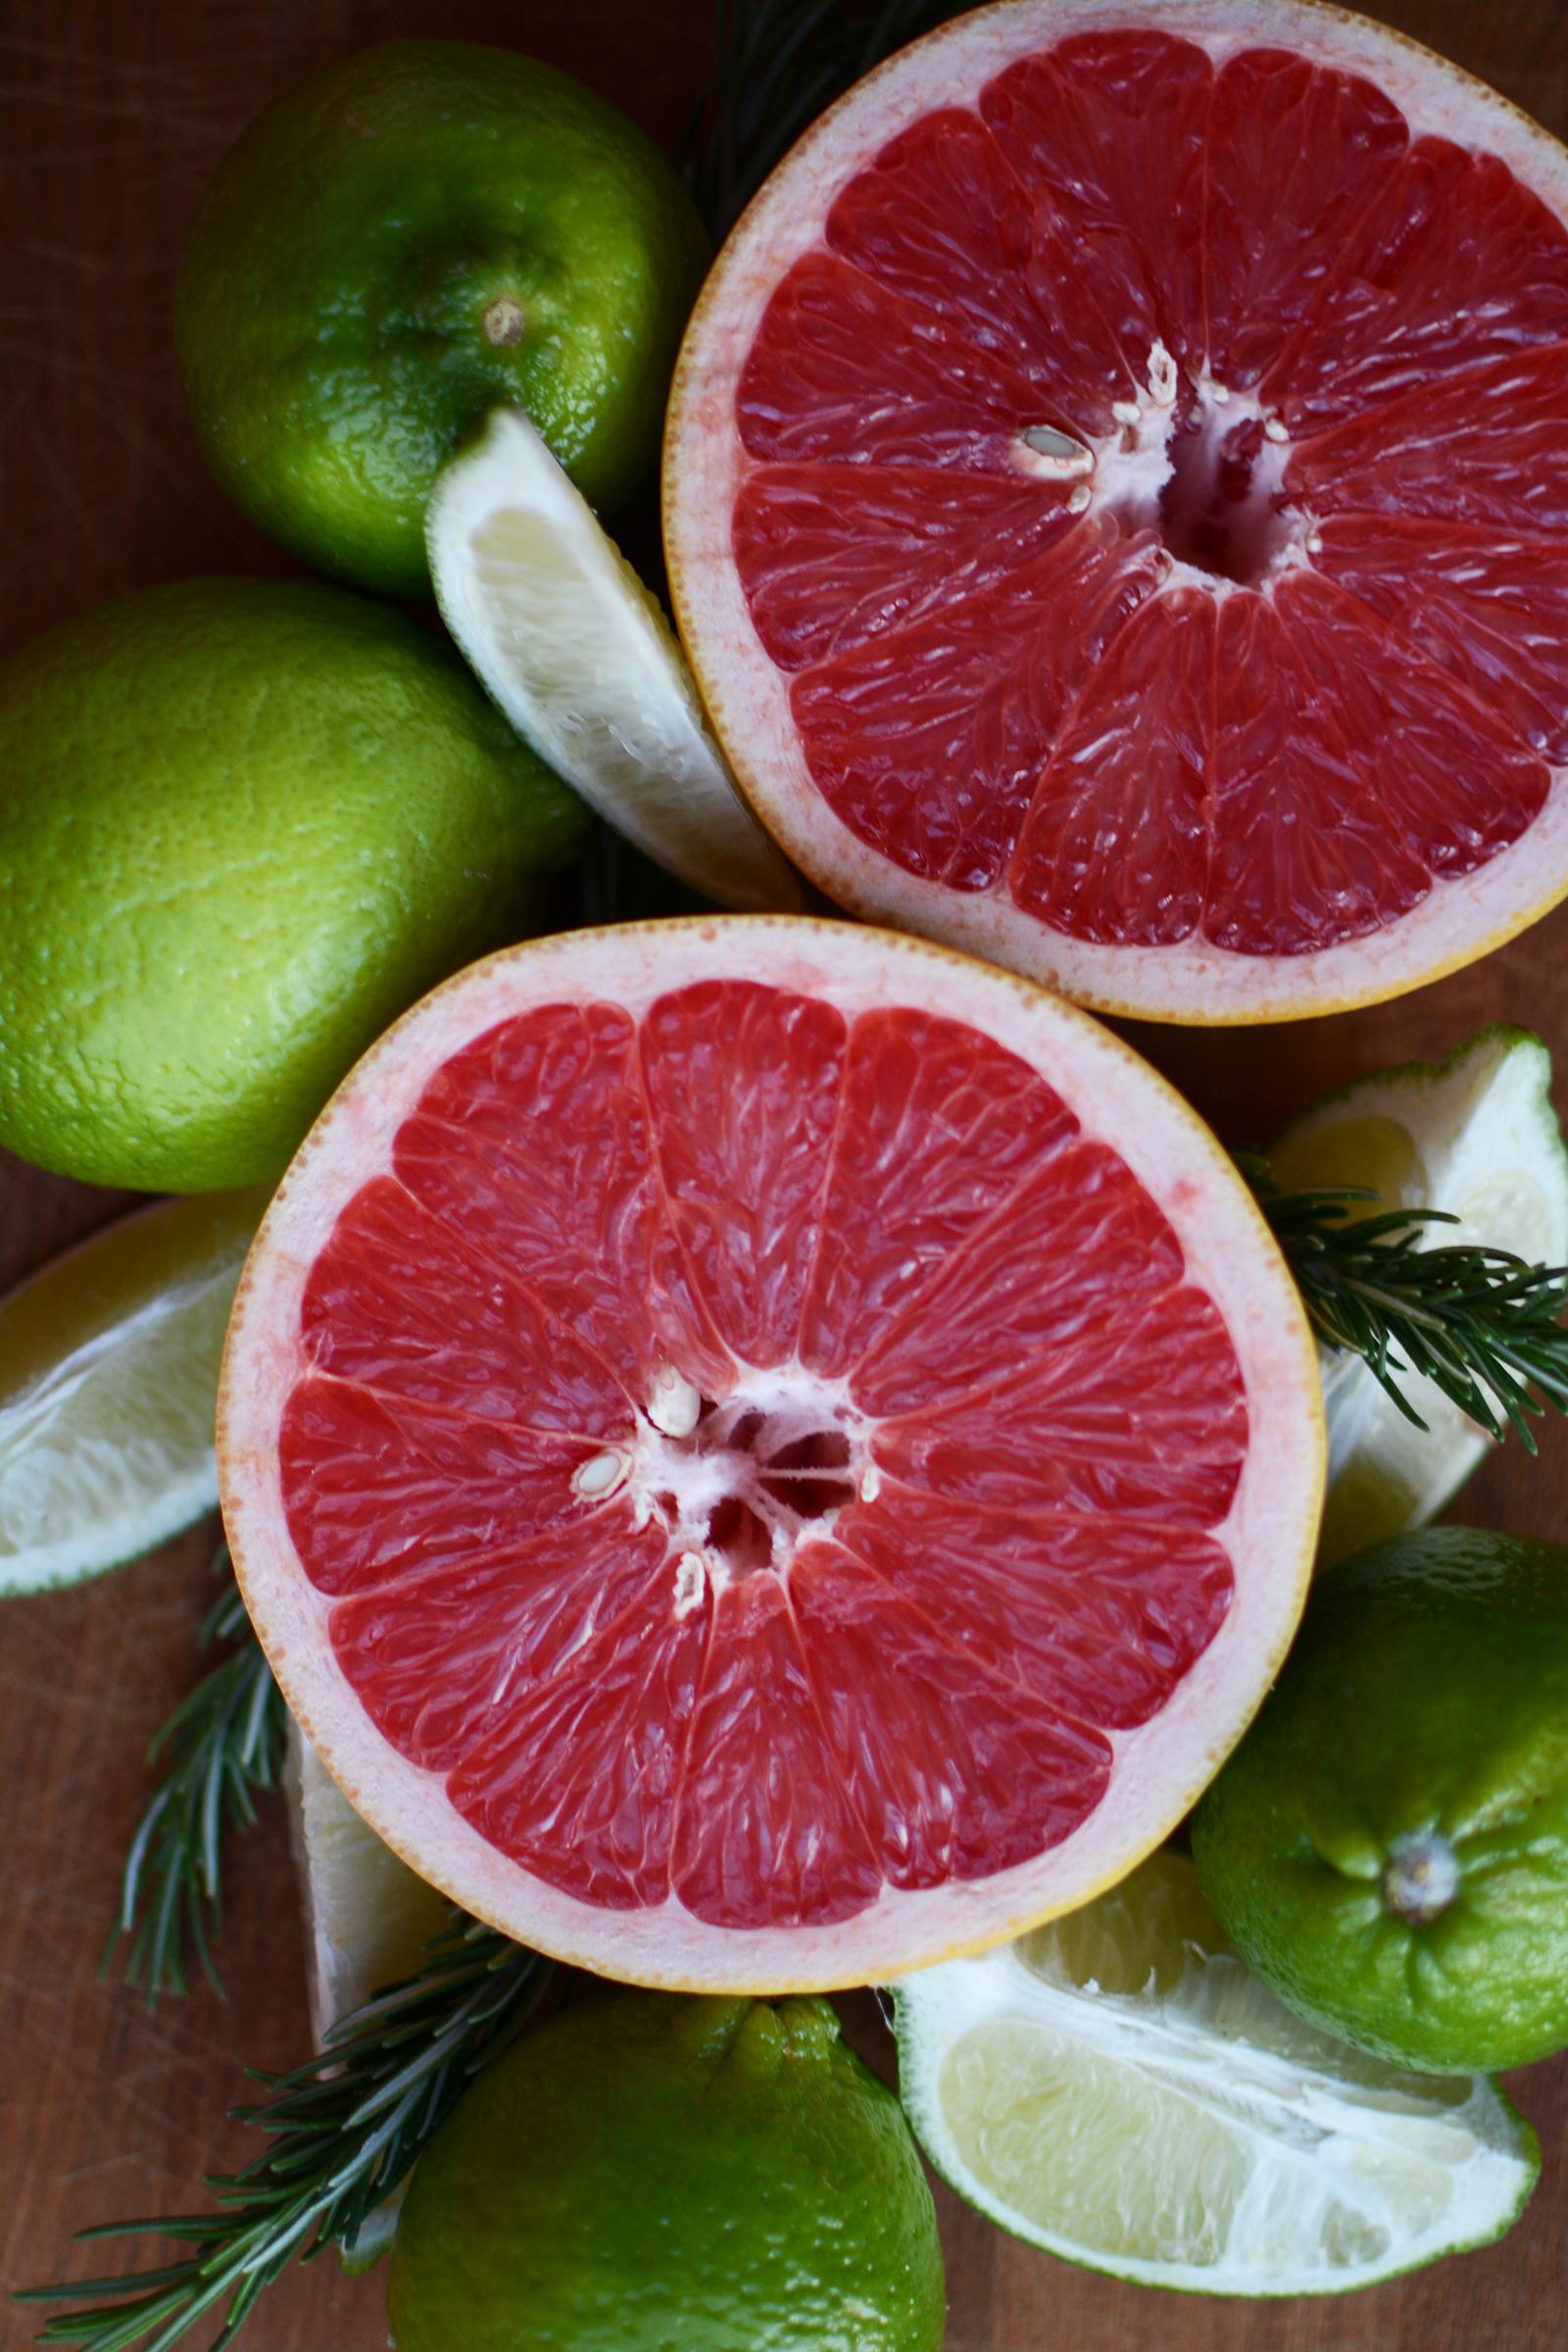 Grapefruit&Limes_Ingredients.jpg